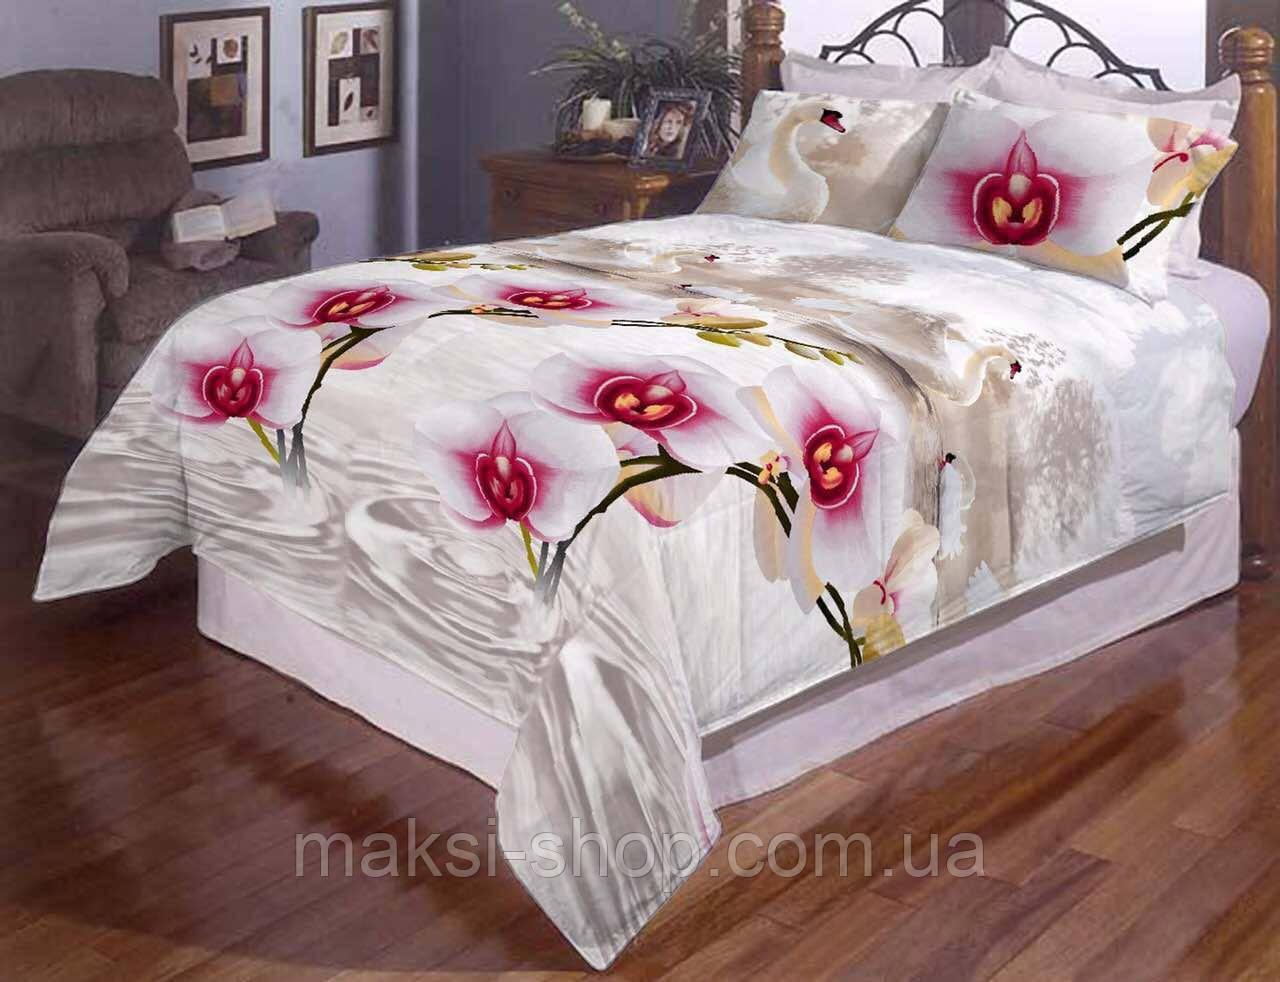 Комплект семейного постельного белья бязь голд (С-0097)